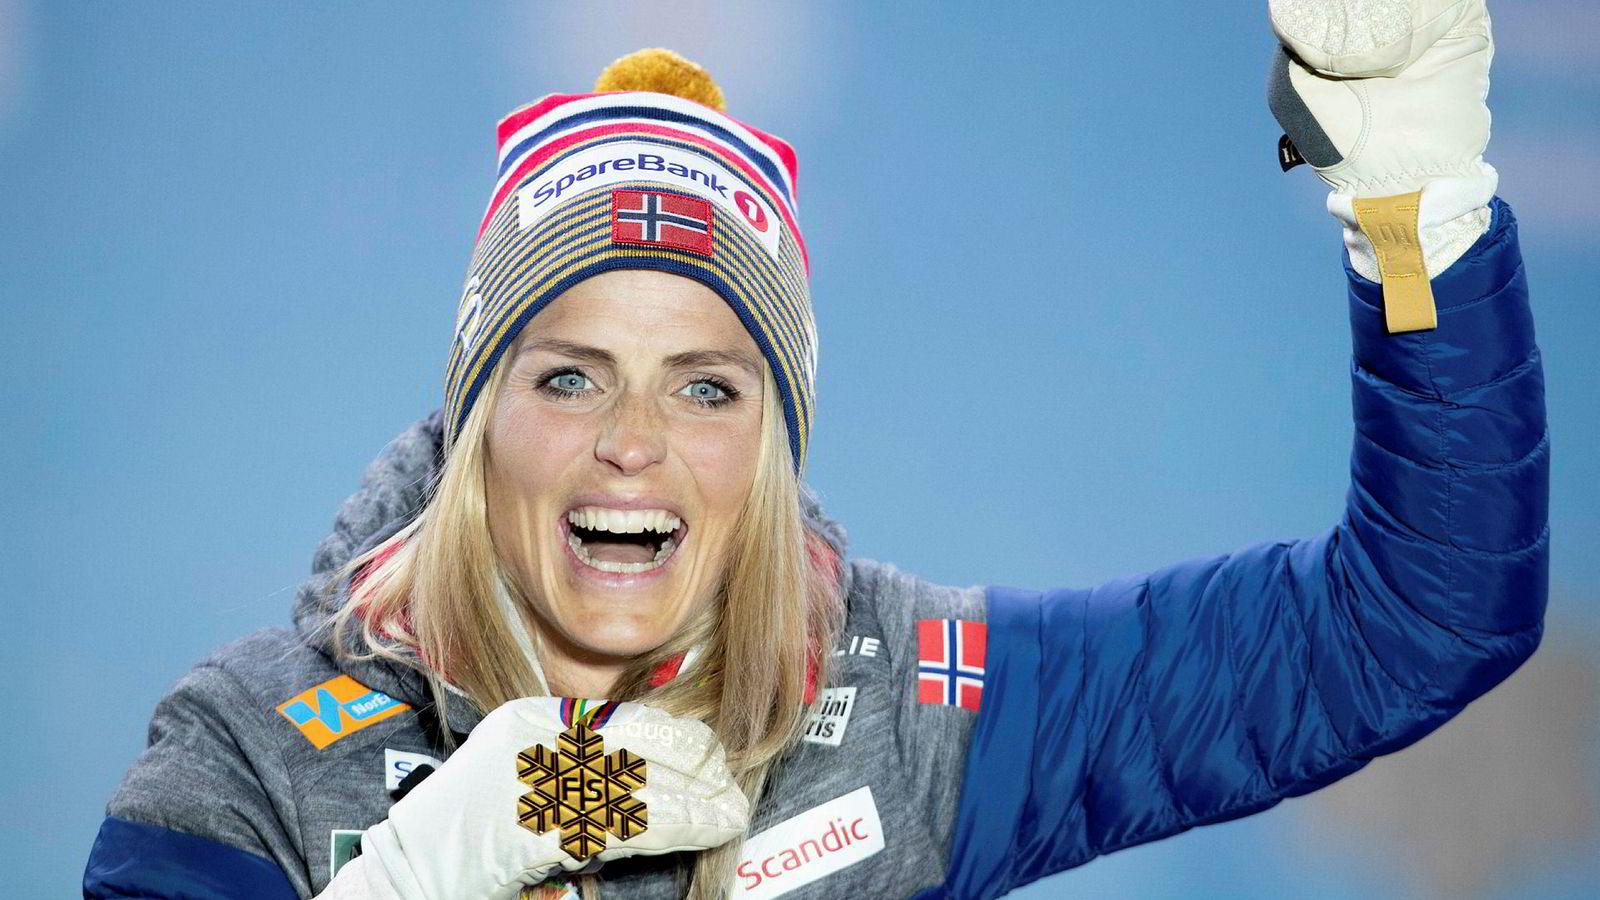 Therese Johaugs gullmedalje var med å gi NRK markedsandeler på 40 prosent.